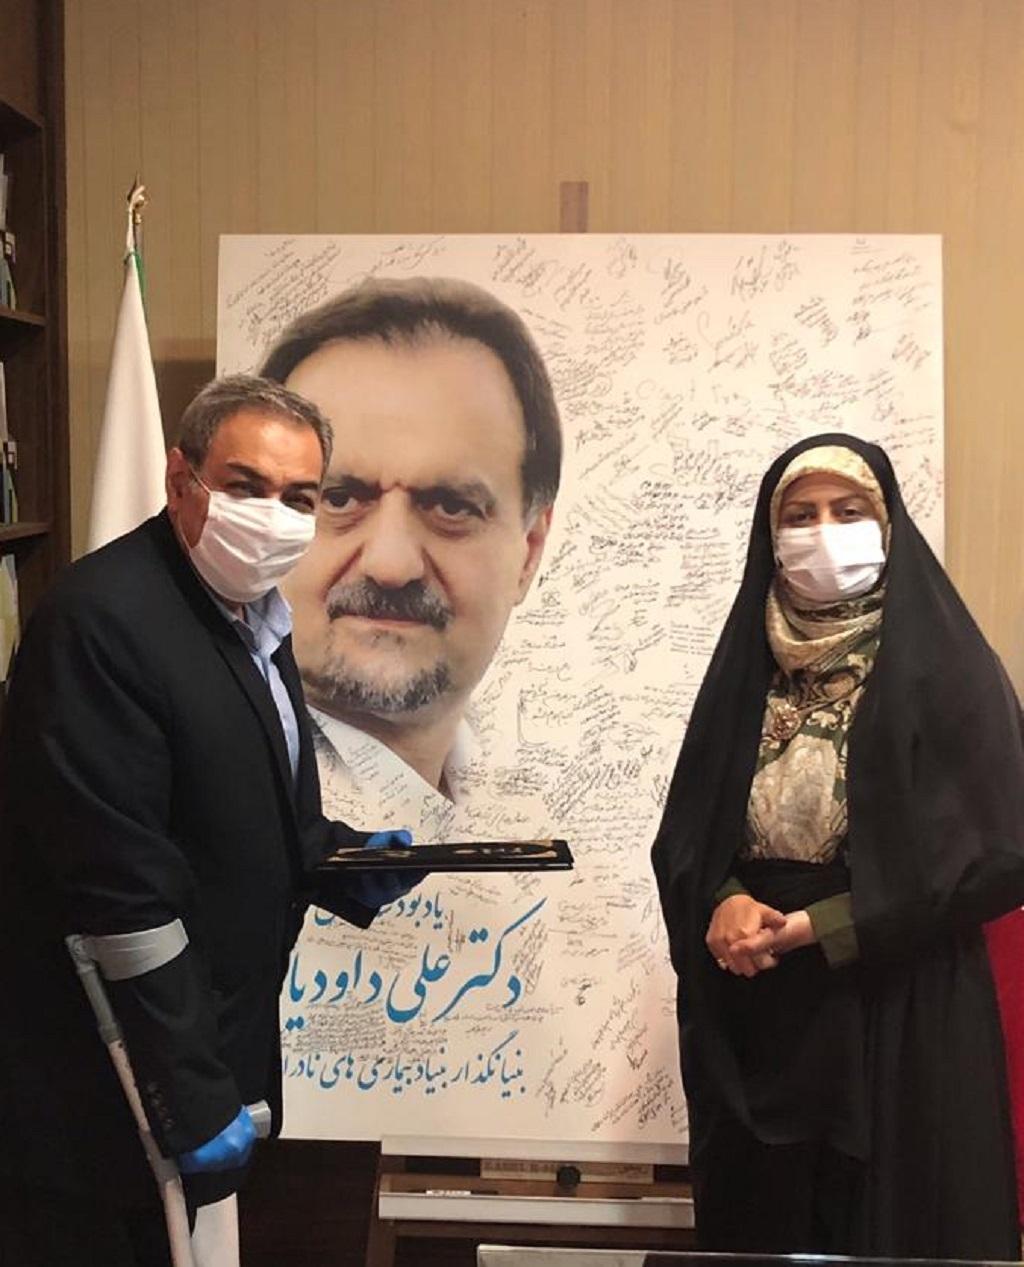 تقدیر از مدیرعامل بنیاد بیماریهای نادر ایران به مناسبت هفته دفاع مقدس